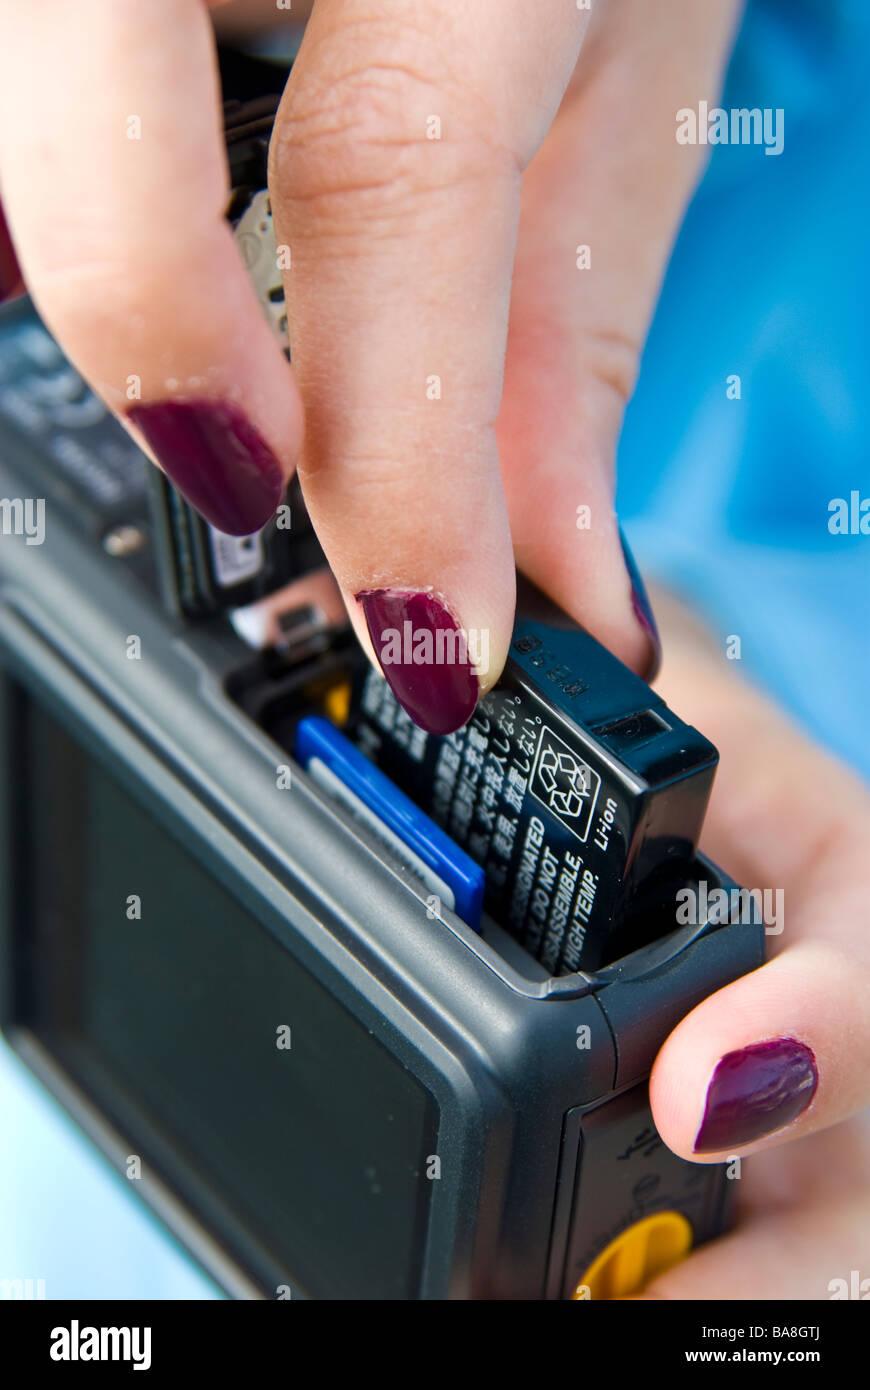 Ragazza fotocamera digitale compatta che mostra la batteria e chip di memoria della scheda di memoria | dito Batterie Immagini Stock